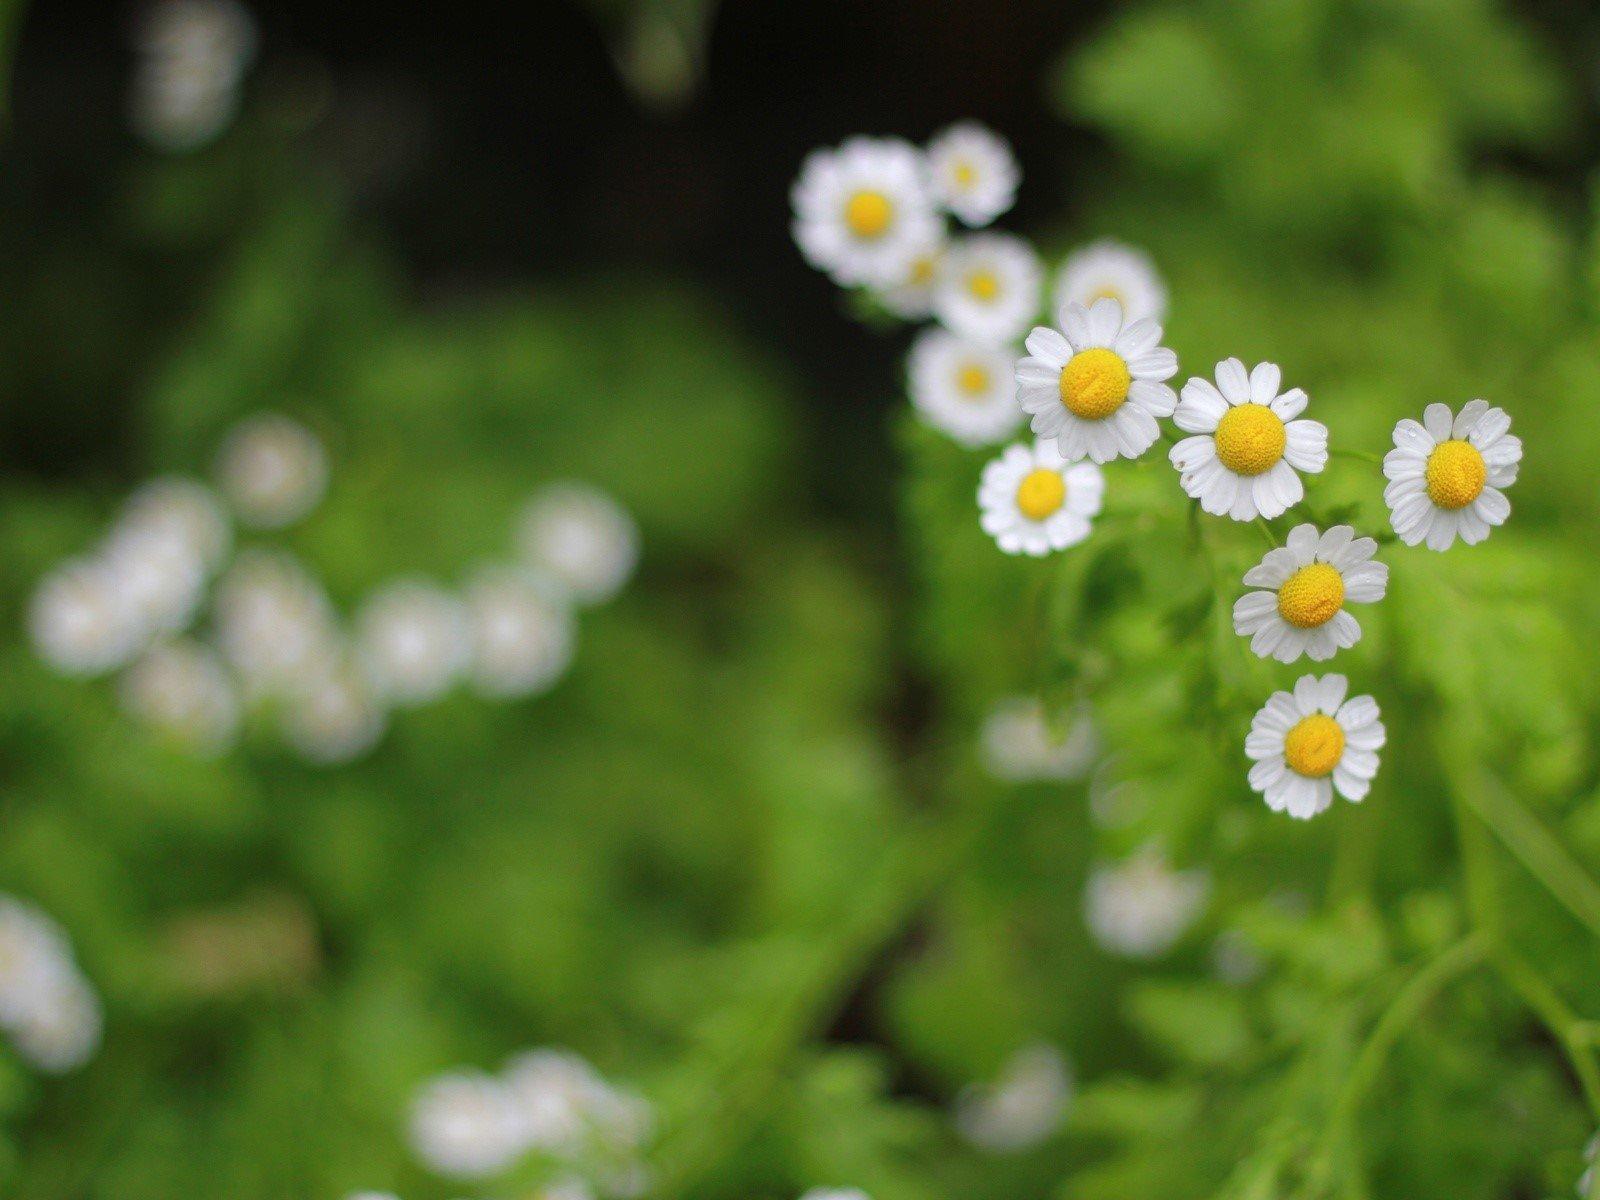 Wallpaper Flowers in a garden